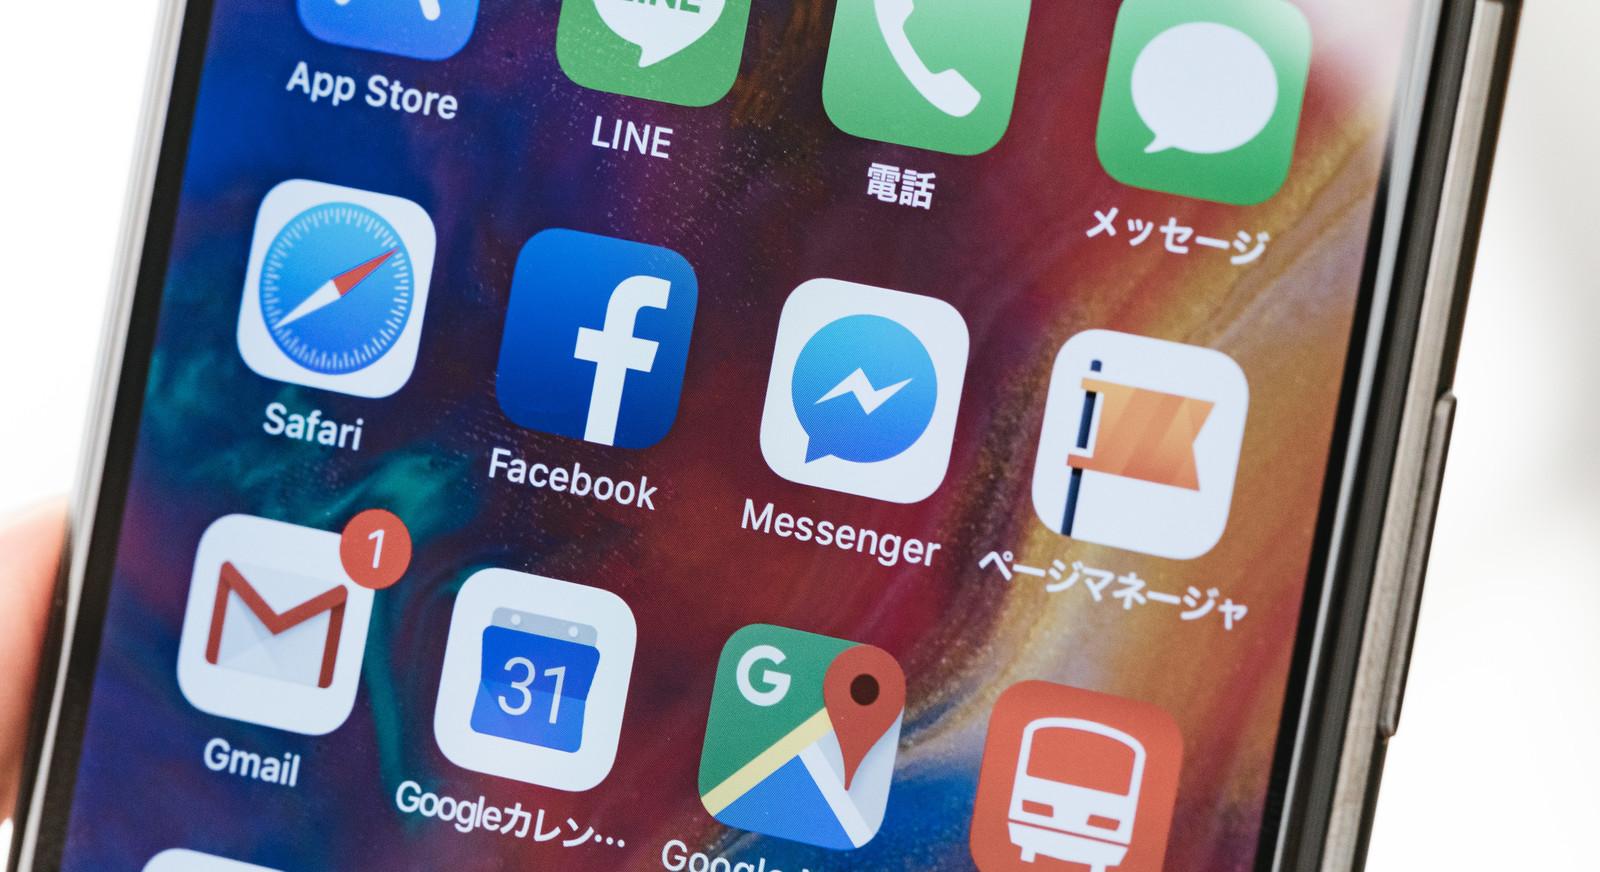 TikTok(ティックトック)をアプリなしで見る&検索することはできる?のサムネイル画像